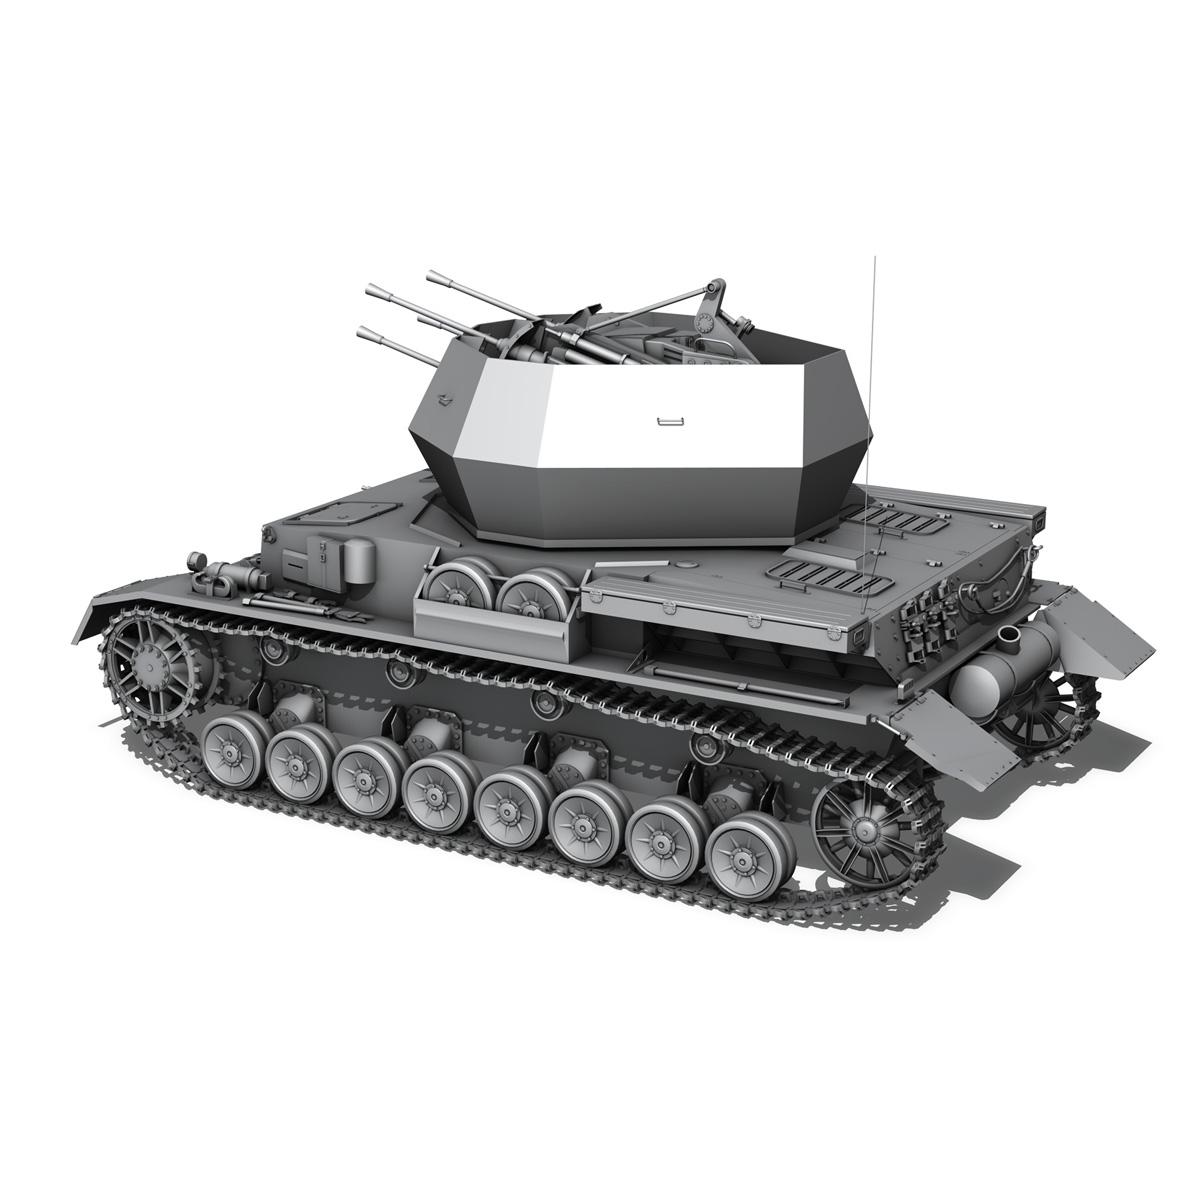 flakpanzer 4 - wirbelwind 3d model 3ds fbx c4d lwo obj 190386